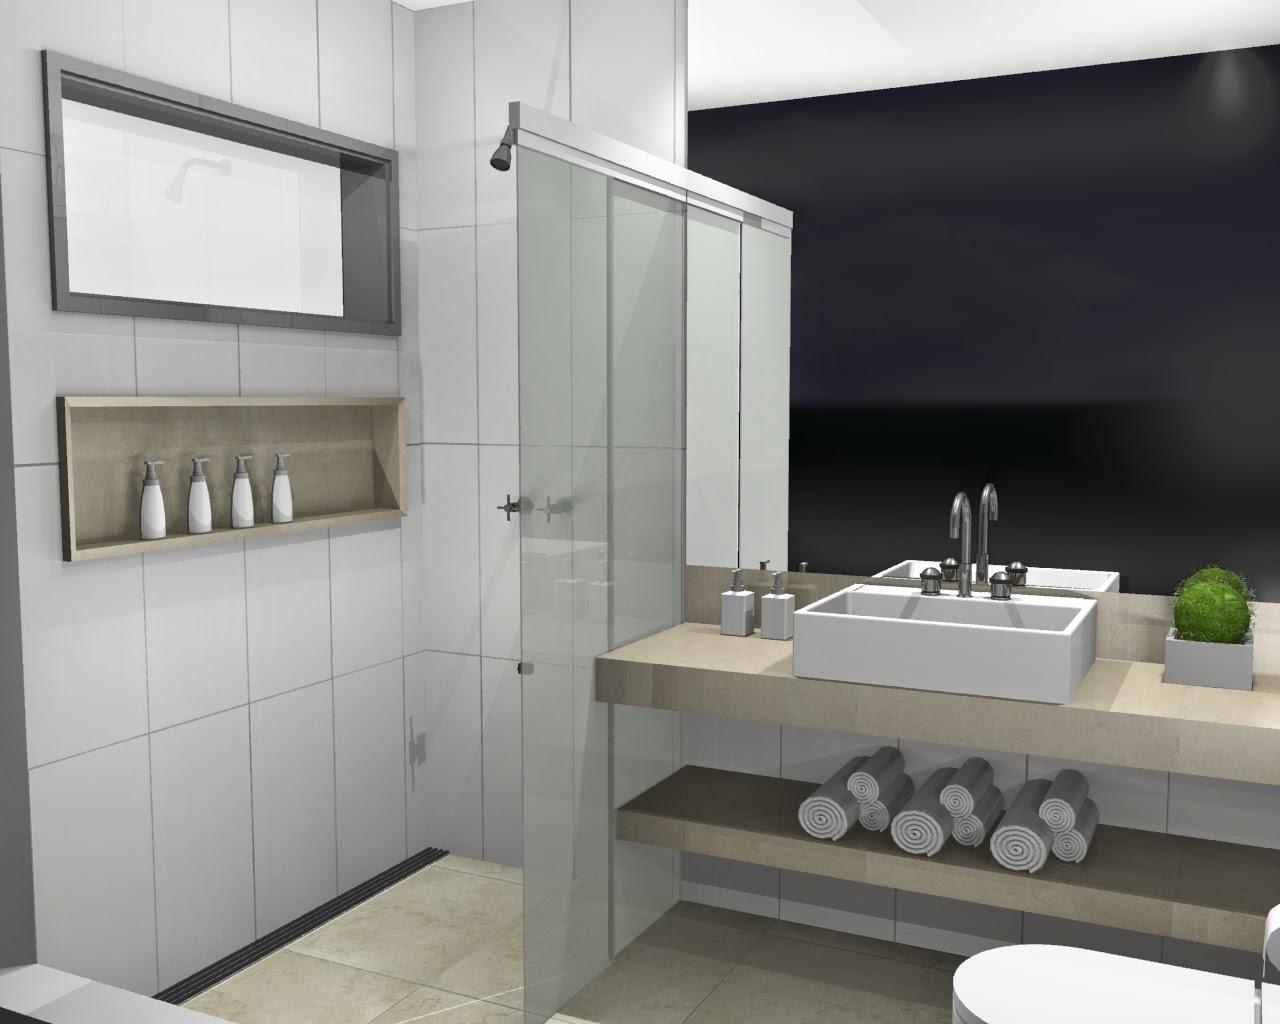 piso) Porcelanato acetinado (esmaltado) cor Off White e tamanho 60x60  #4B6128 1280x1024 Banheiro Com Piso De Porcelanato Preto